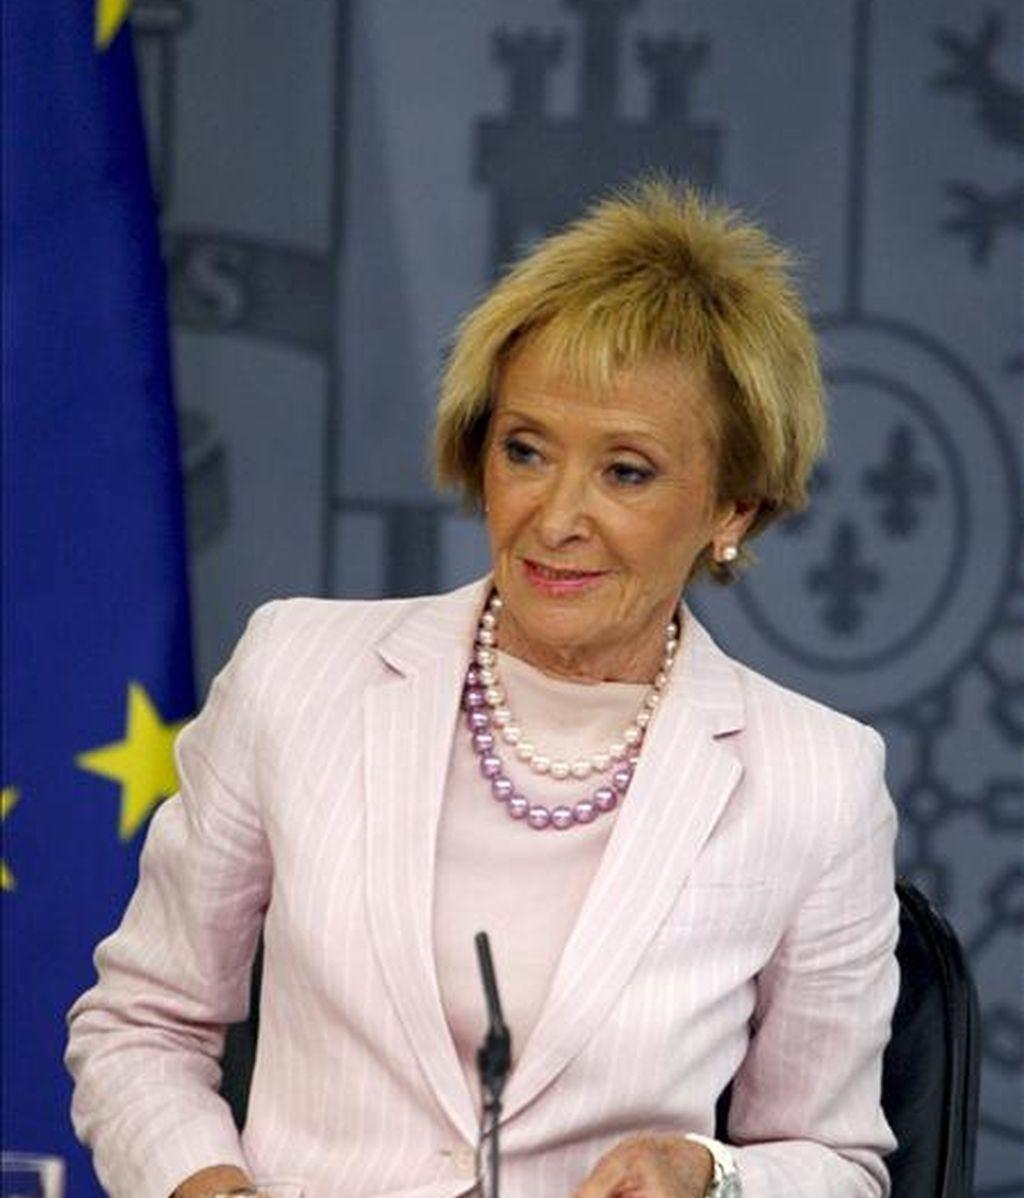 La vicepresidenta primera del Gobierno español, María Teresa Fernández de la Vega, durante la rueda de prensa que ofreció este viernes tras reunión del Consejo de Ministros. EFE